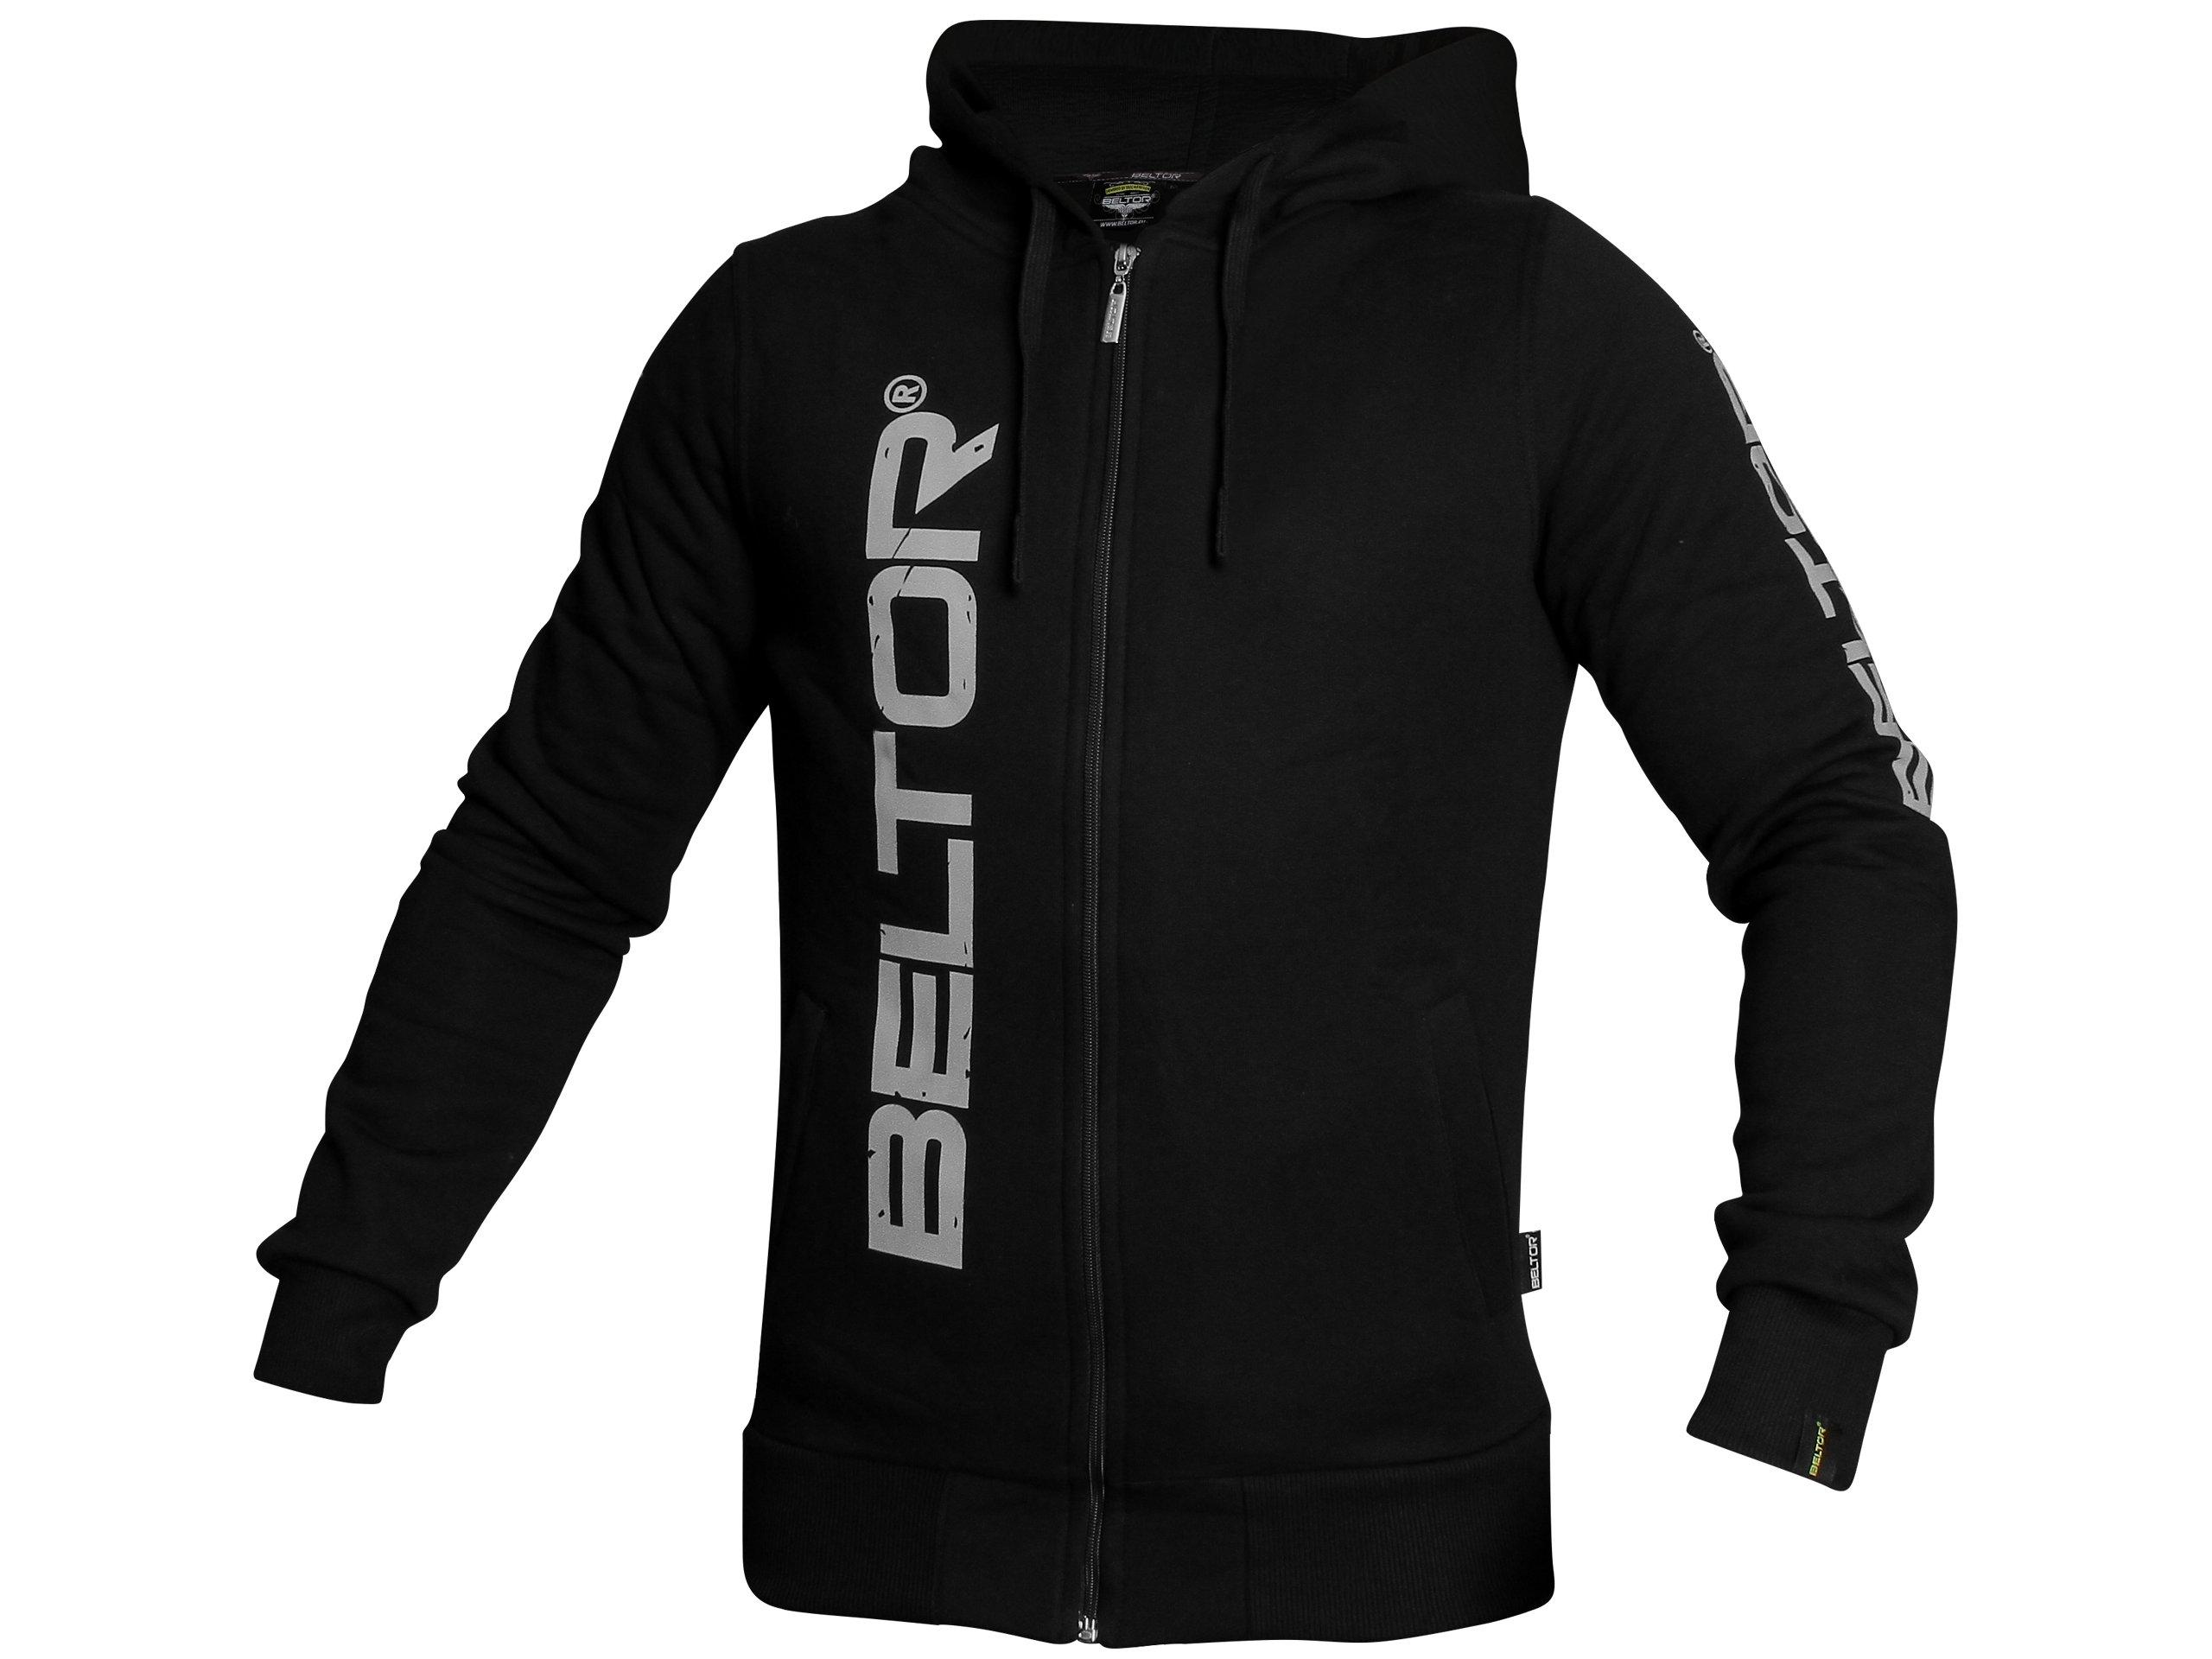 BELTOR BW Mikina na Zips s kapucňou, čierna XL Originál